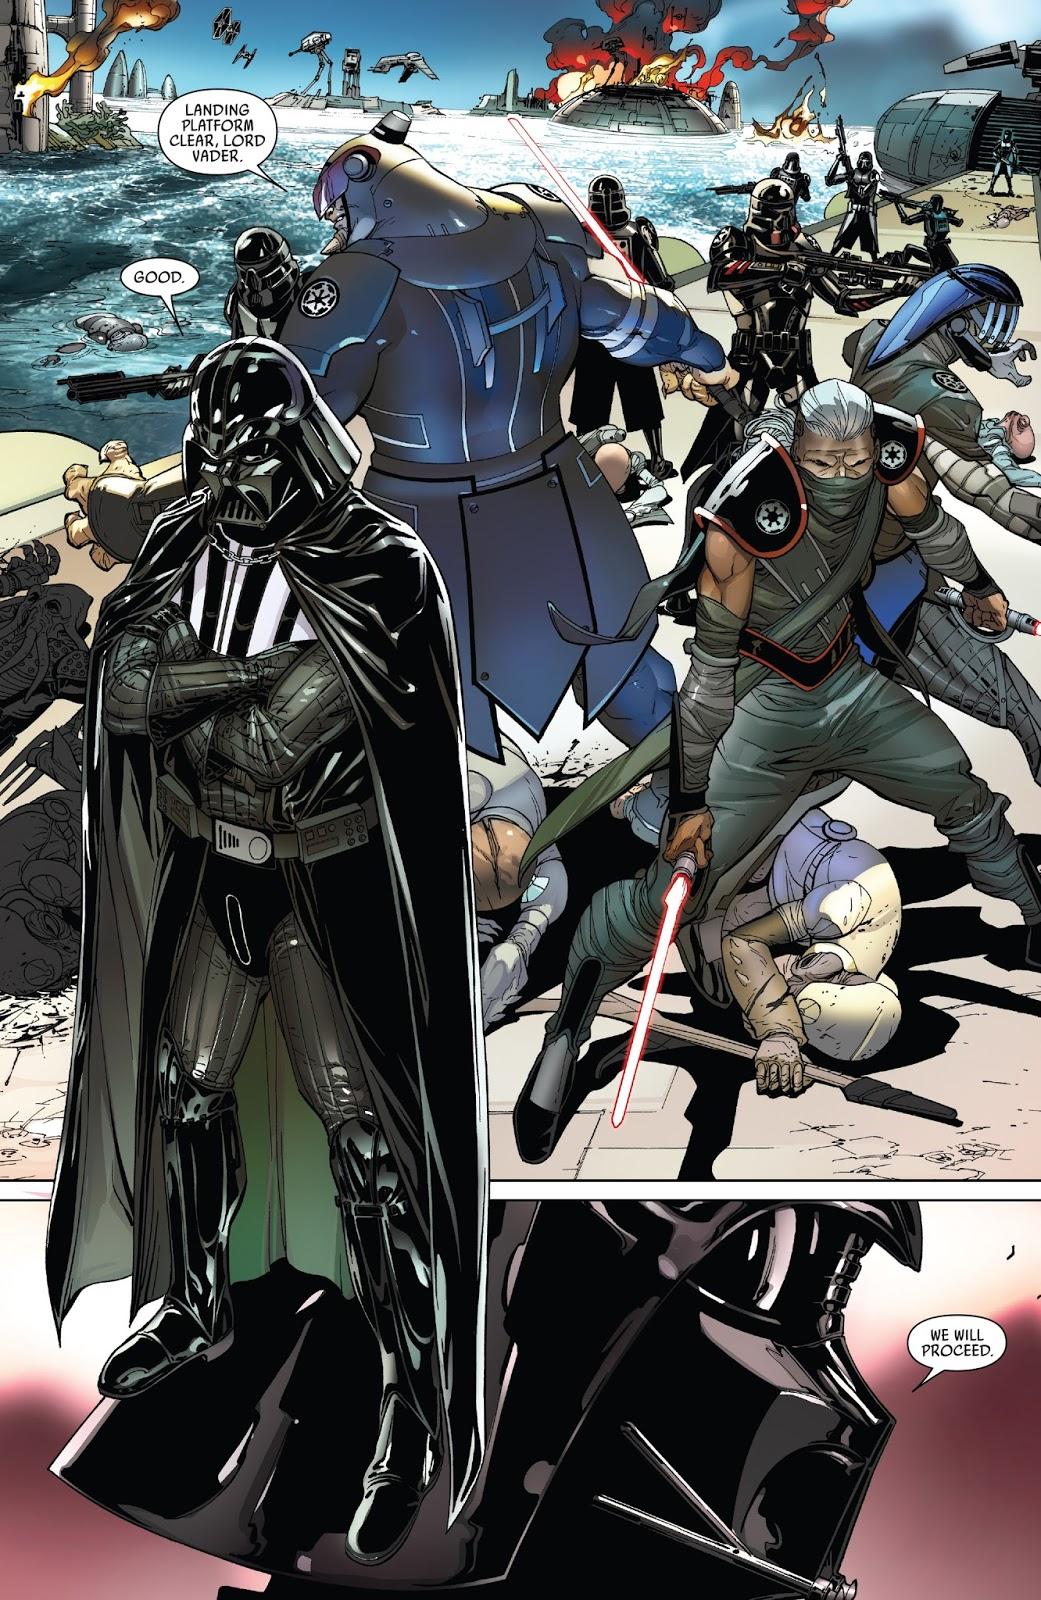 Darth Vader Vol. 2 #14